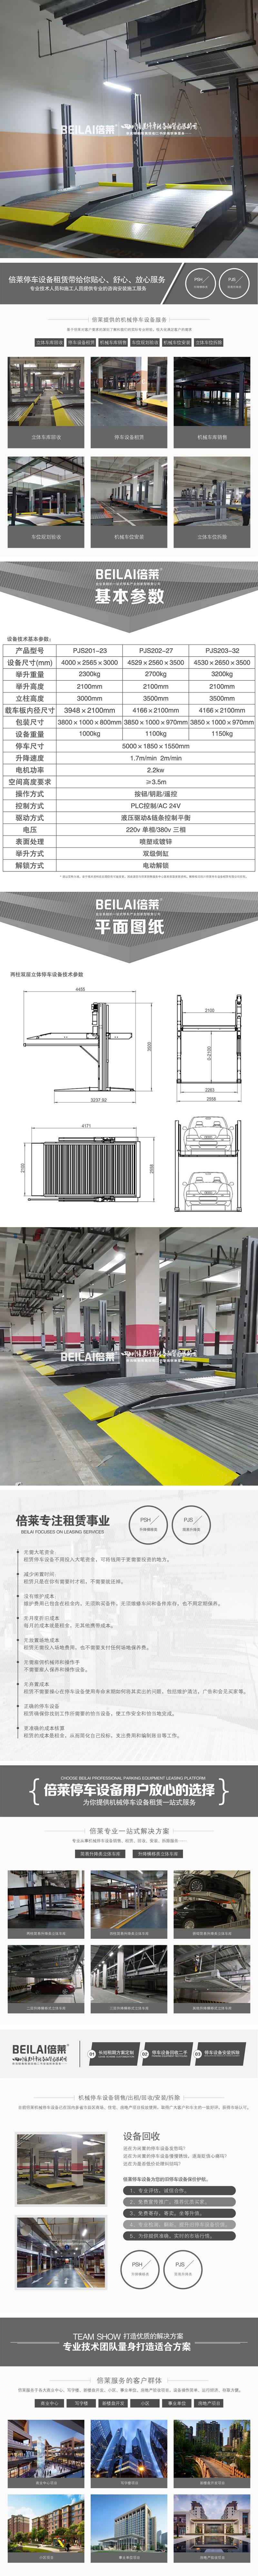 劍閣雙層機械車位租賃小金化立體車庫倍萊機械立體停車設備租